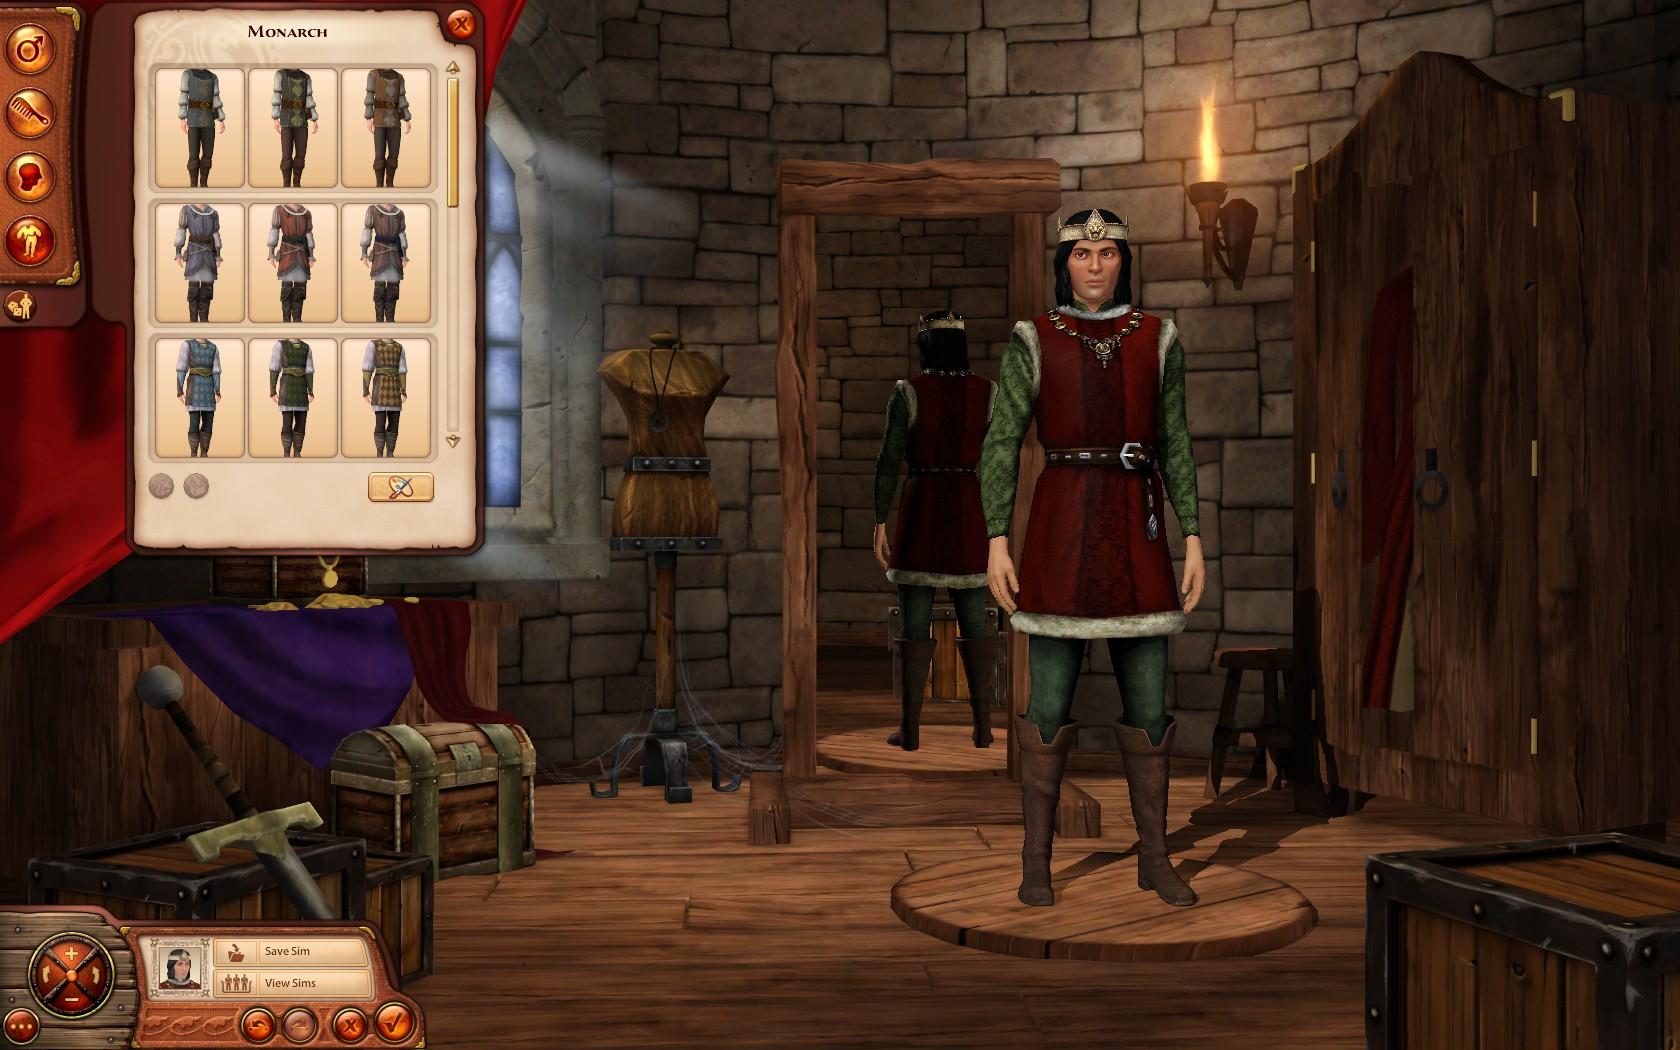 The Sims: Medieval – tak trochu jiný středověk 36241